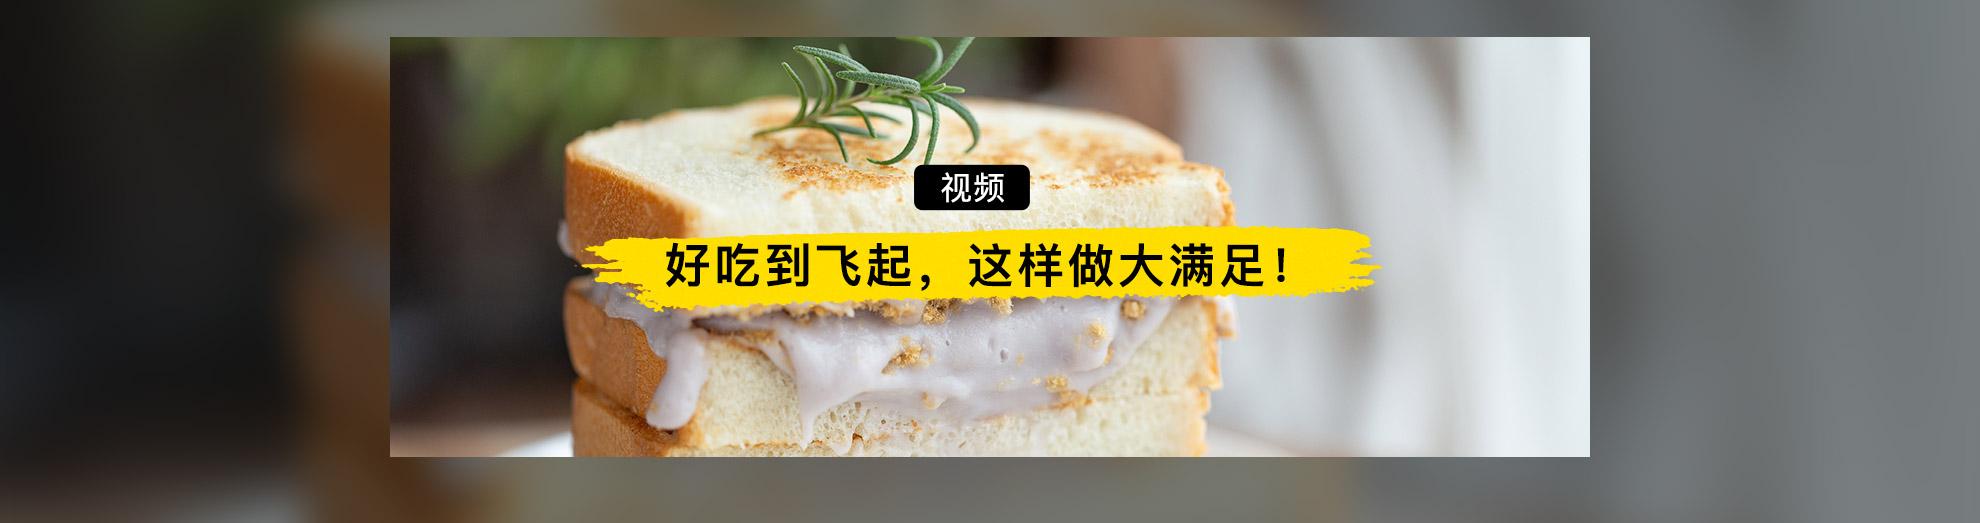 芋泥肉松三明治}